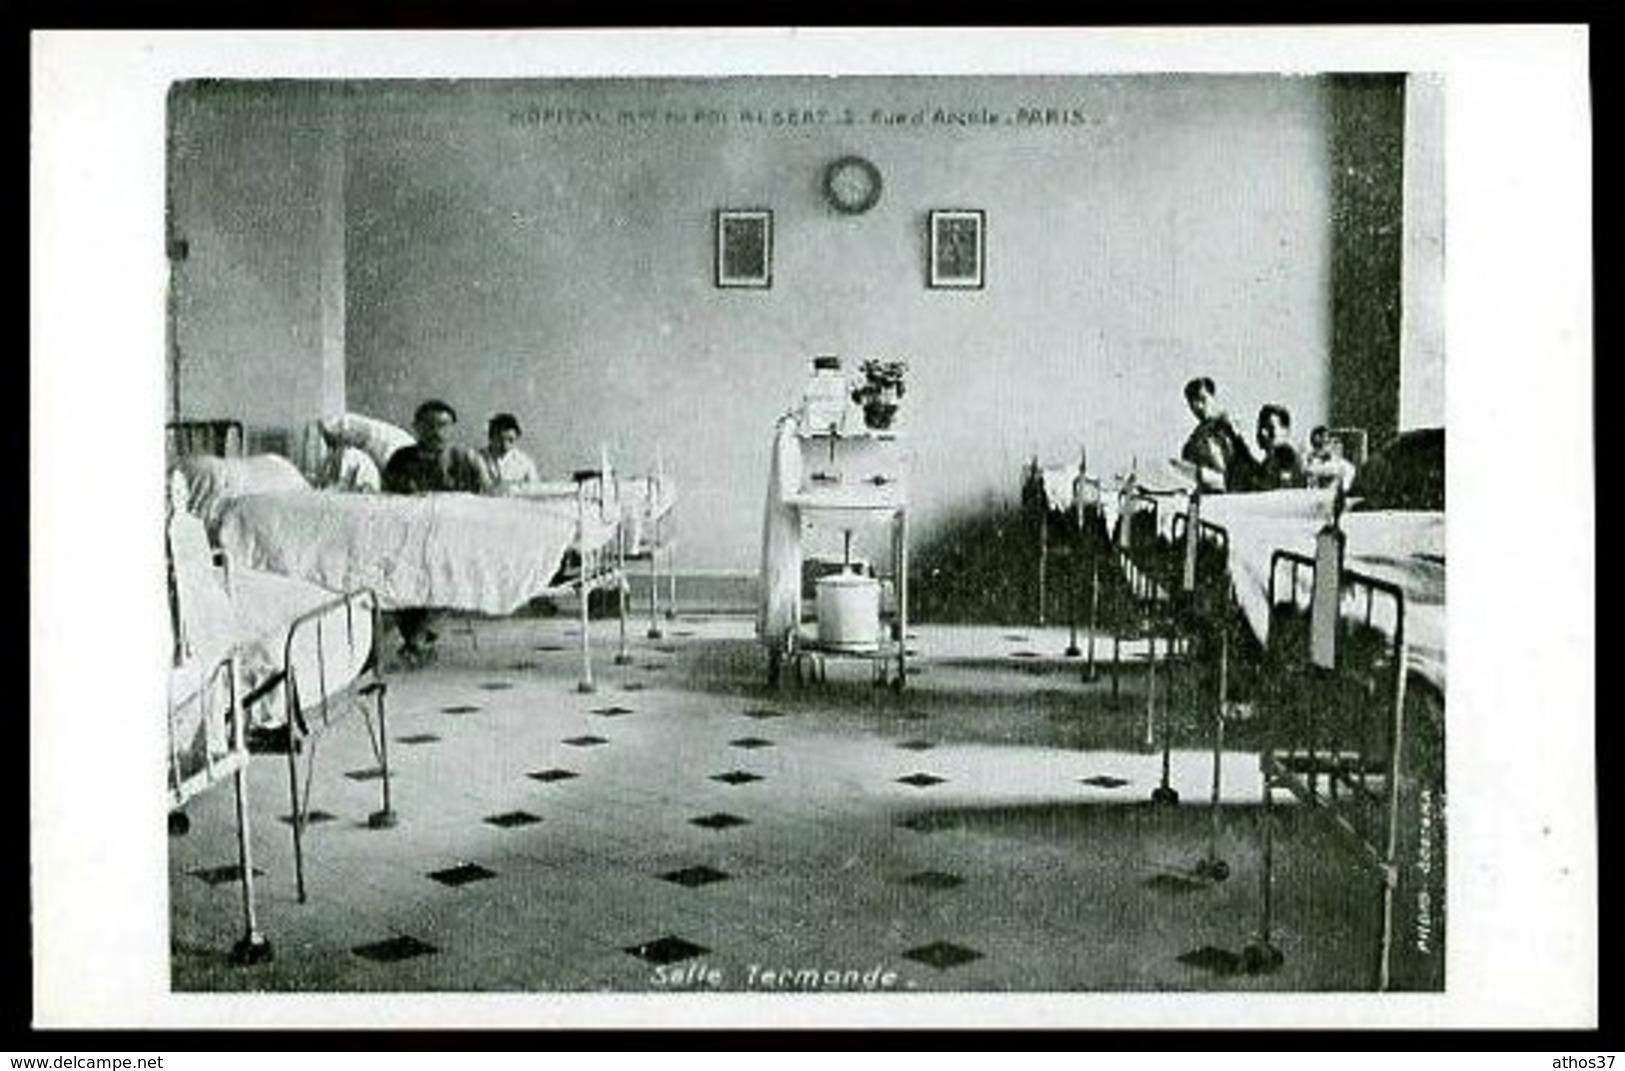 Hôpital Militaire Du ROI ALBERT - 2 Rue D' Arcole, Paris - Salle Termonde - (Beau Plan Animé) - Health, Hospitals